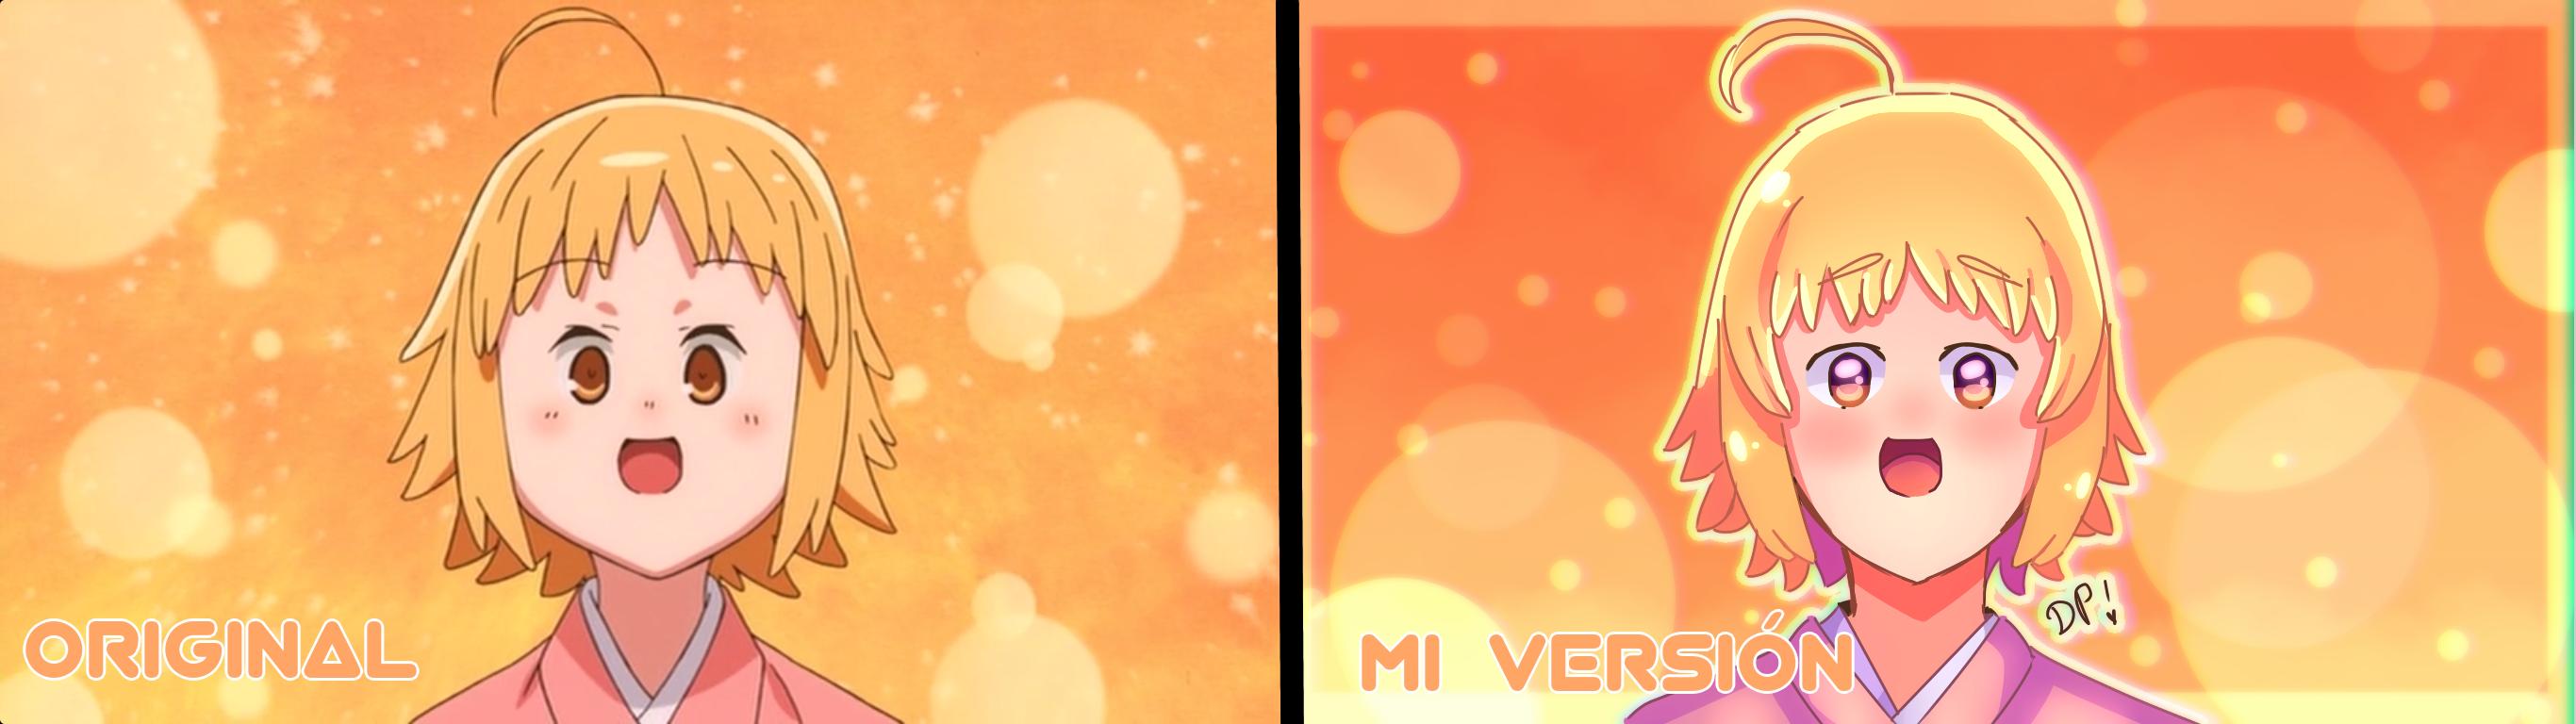 Original vs el mio  Illust of Mfg53 anime owo